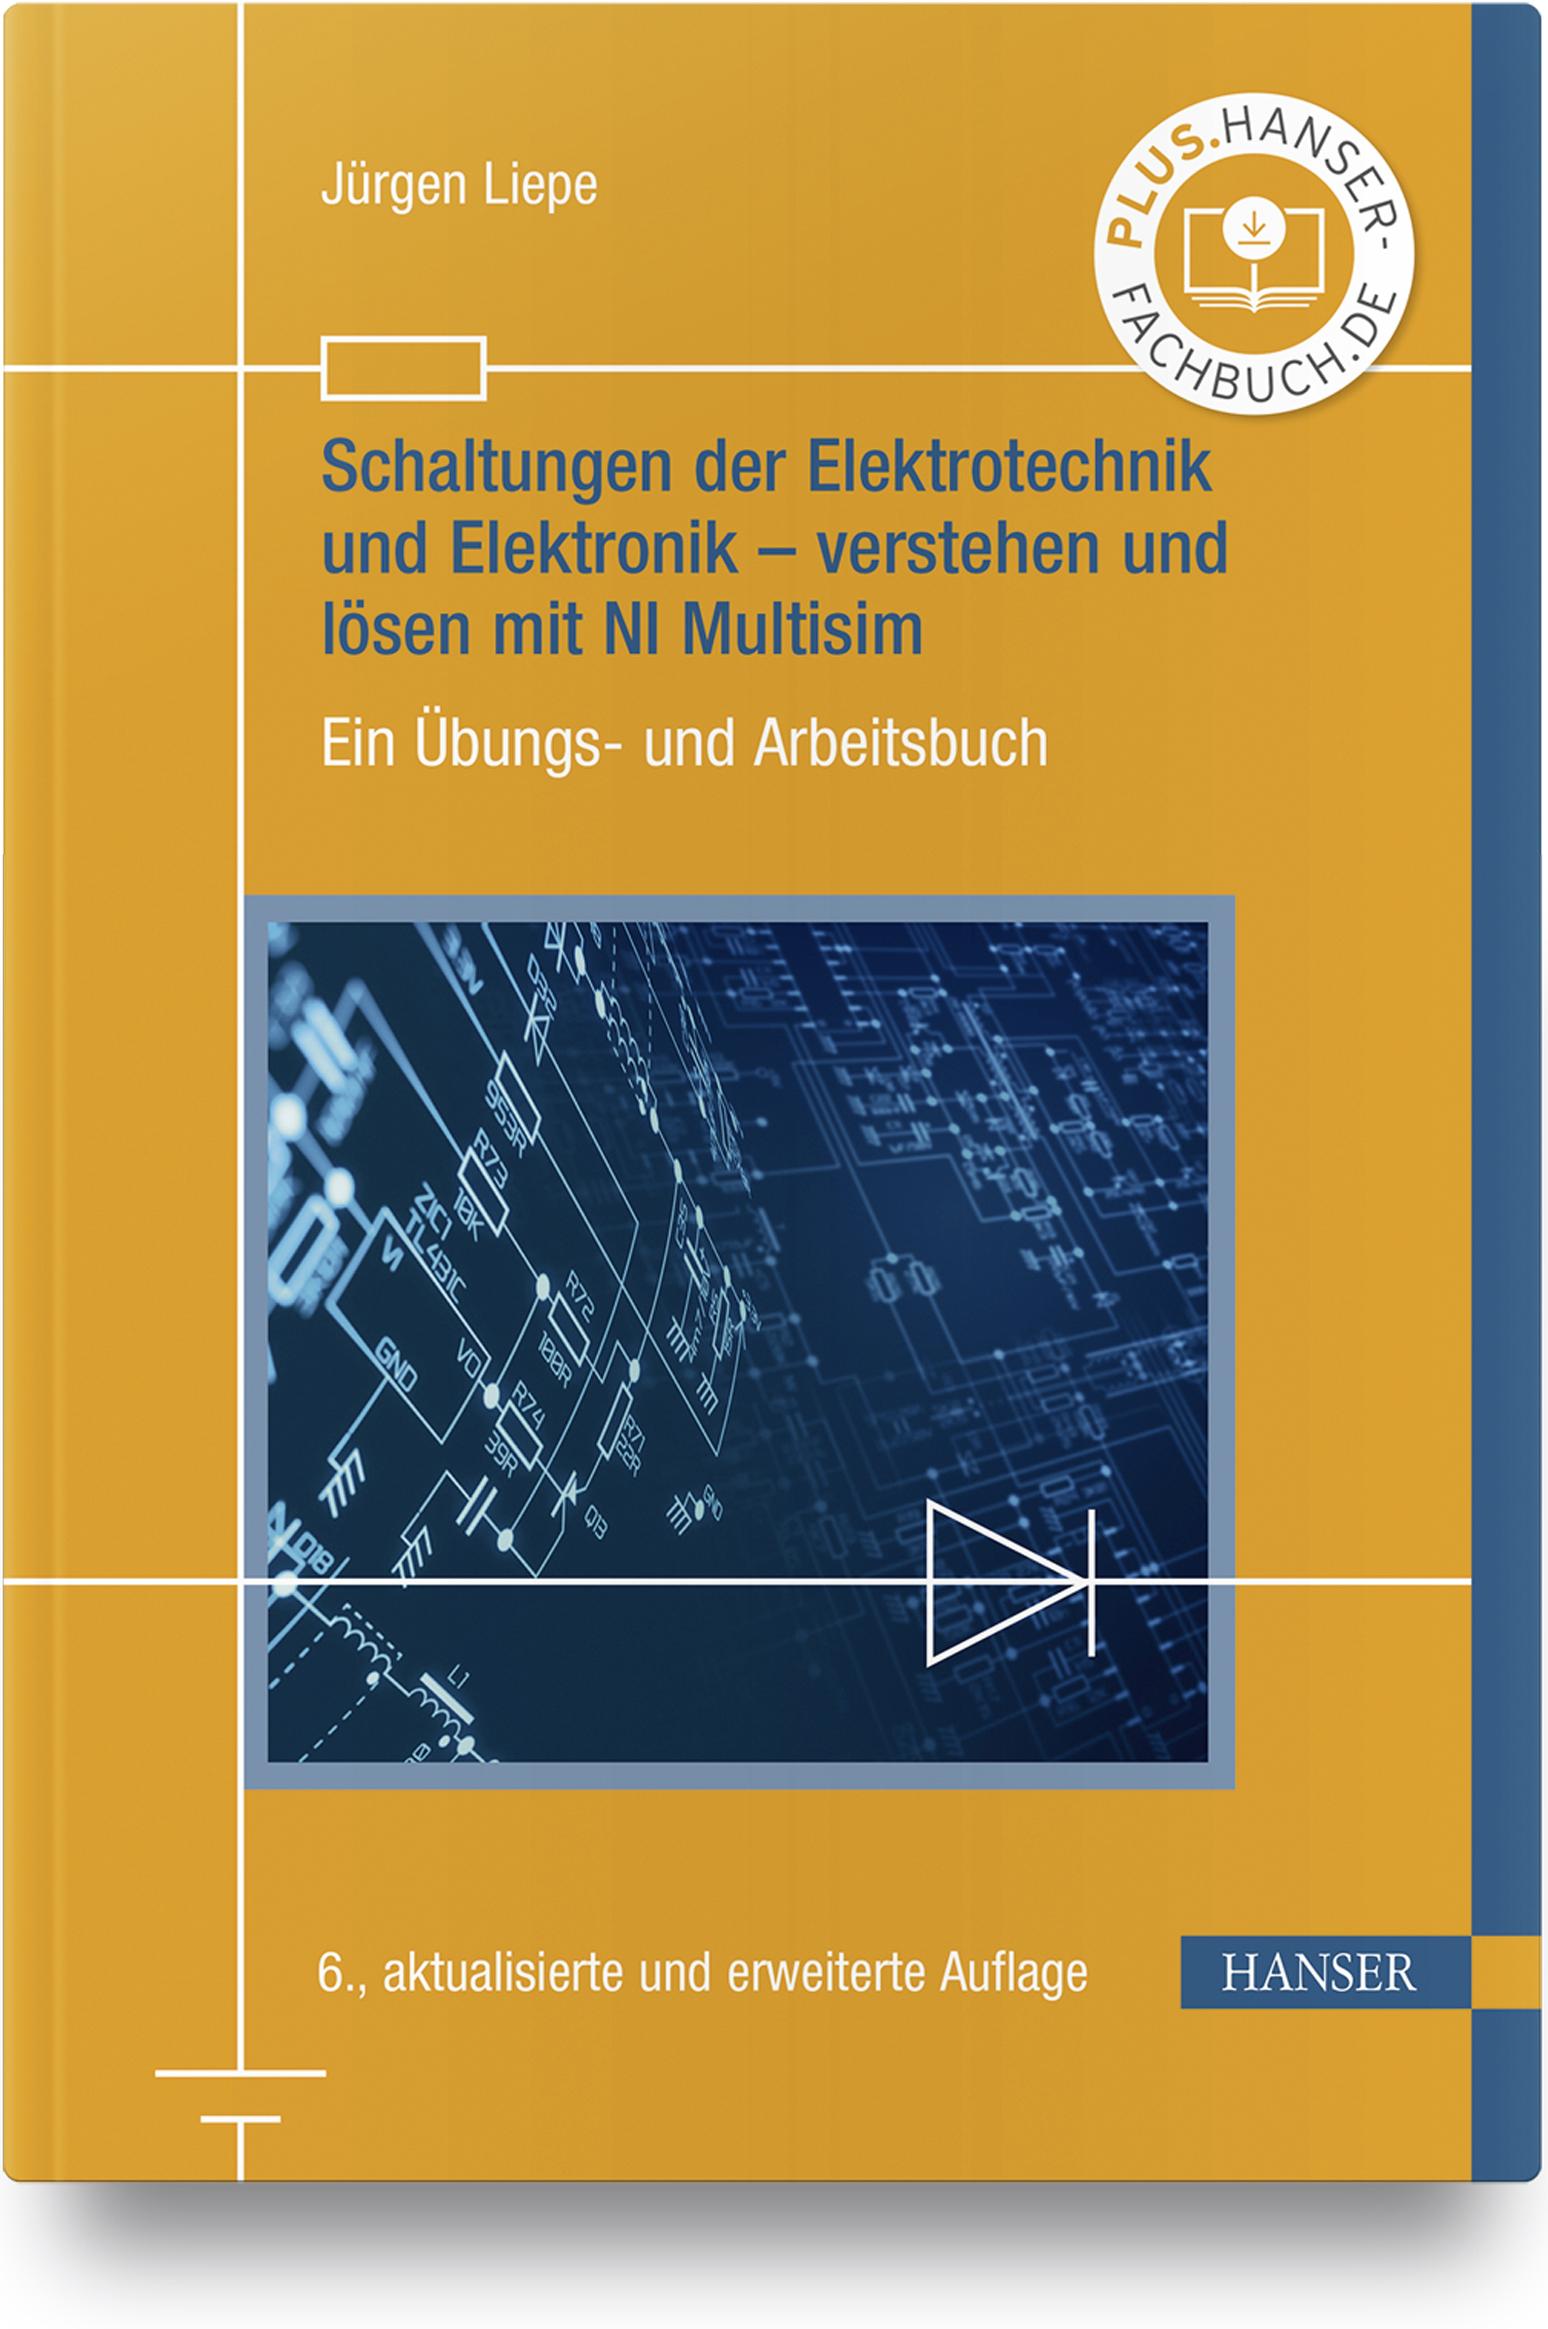 Liepe, Schaltungen der Elektrotechnik und Elektronik – verstehen und lösen mit NI Multisim, 978-3-446-46269-4